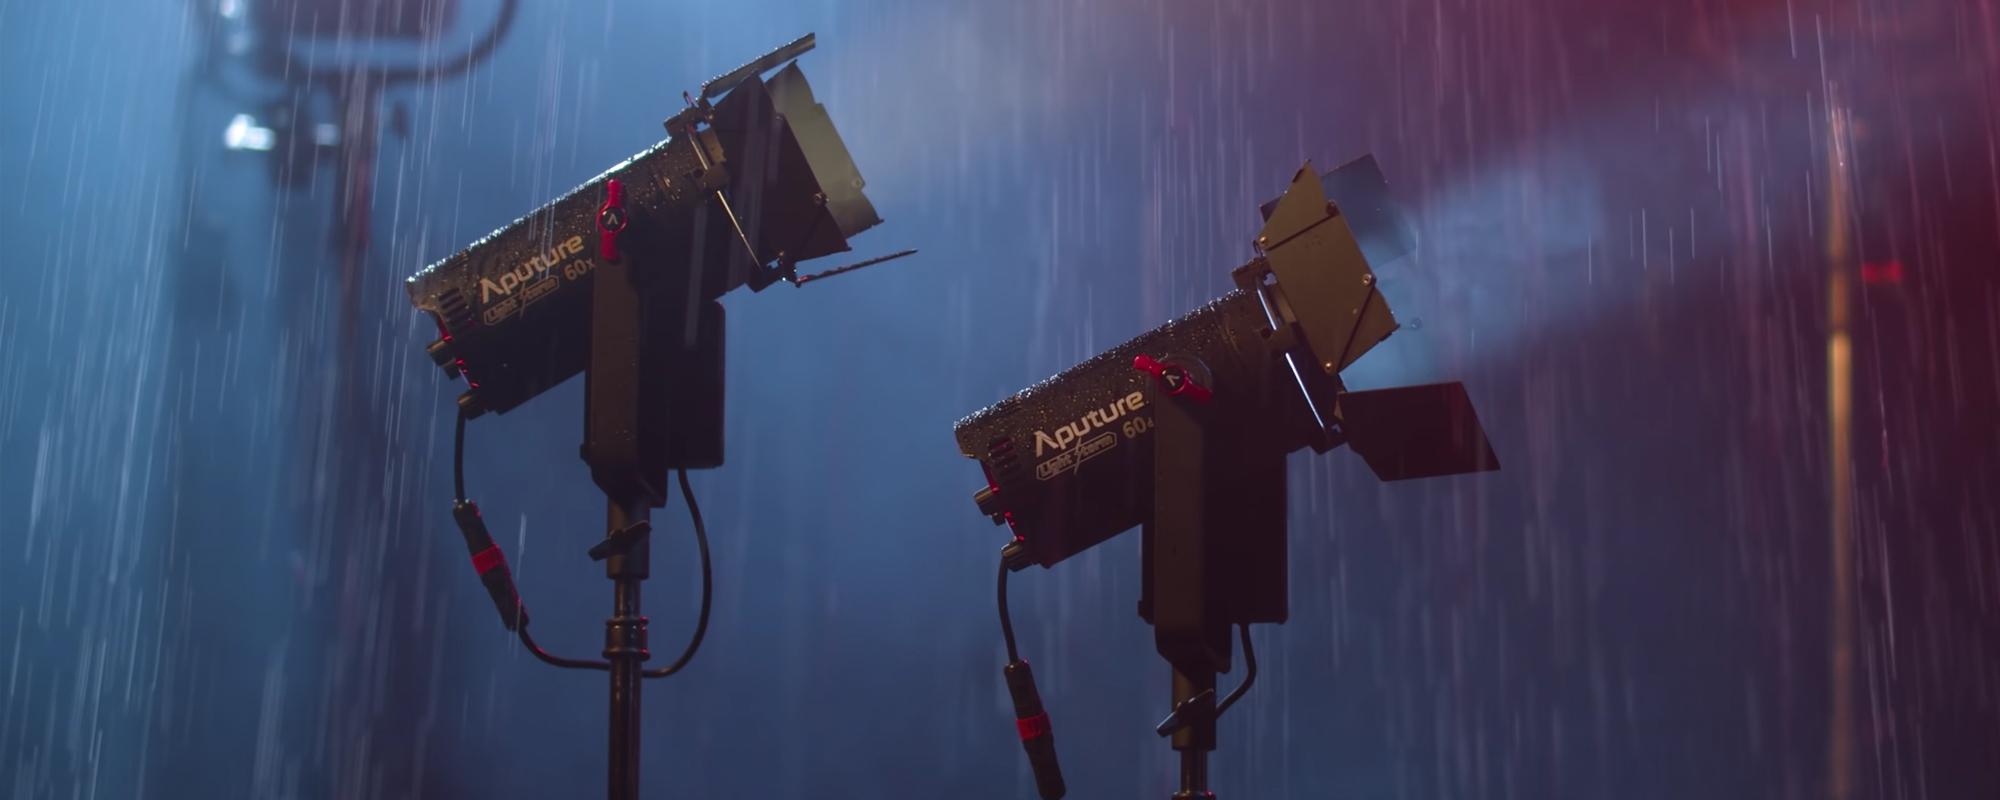 Lampy LED Aputure Light Storm LS 60d wykorzystywana w trakcie deszczu